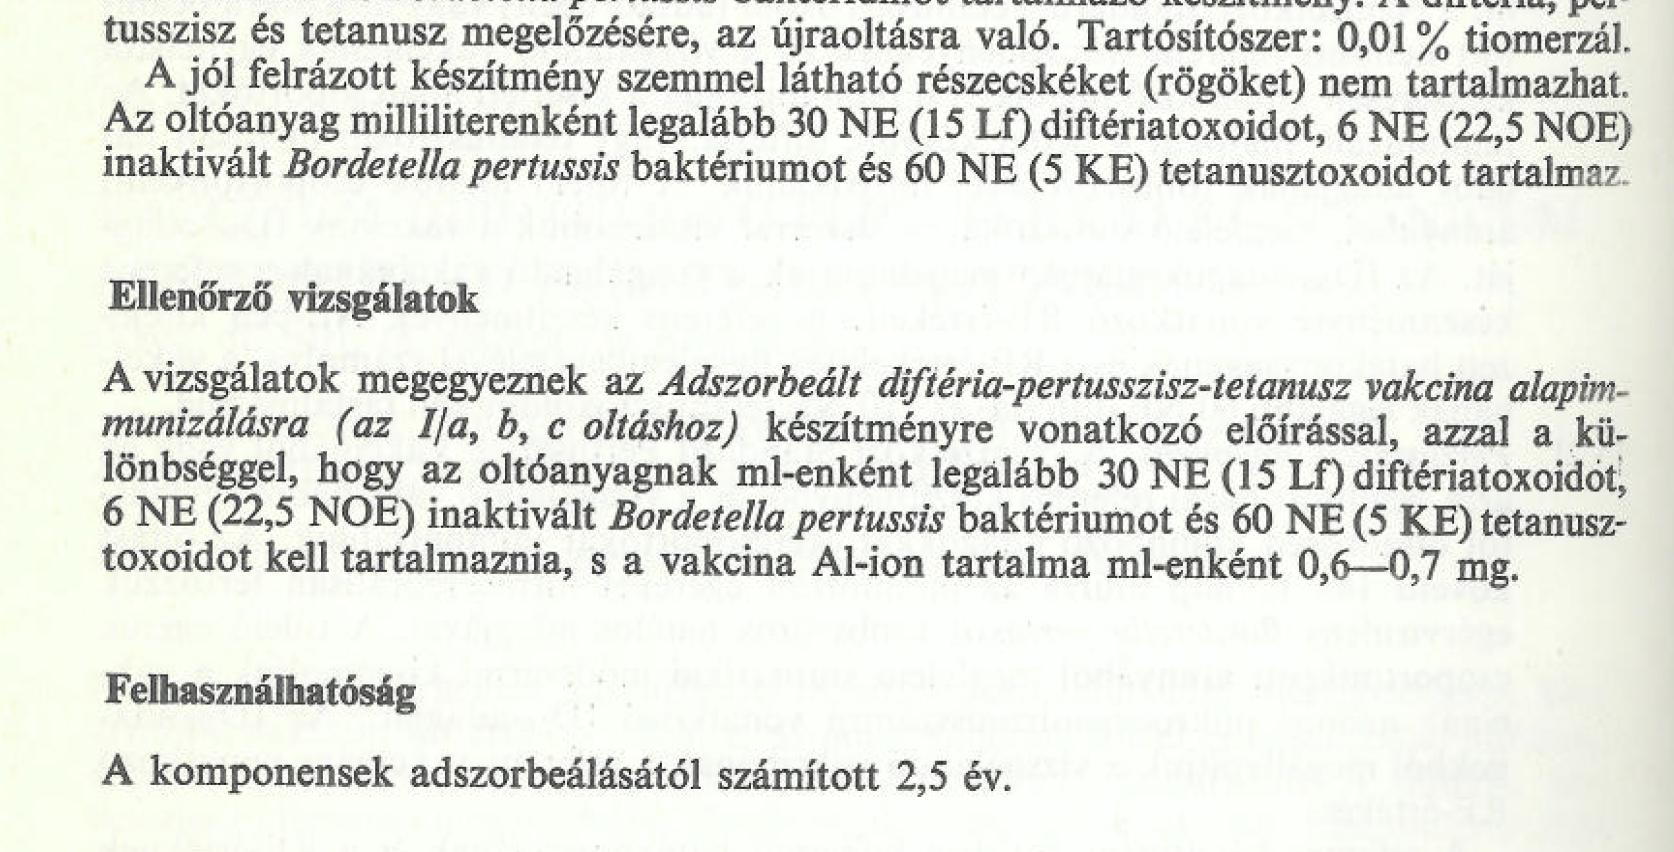 mgyk_1986_5.png